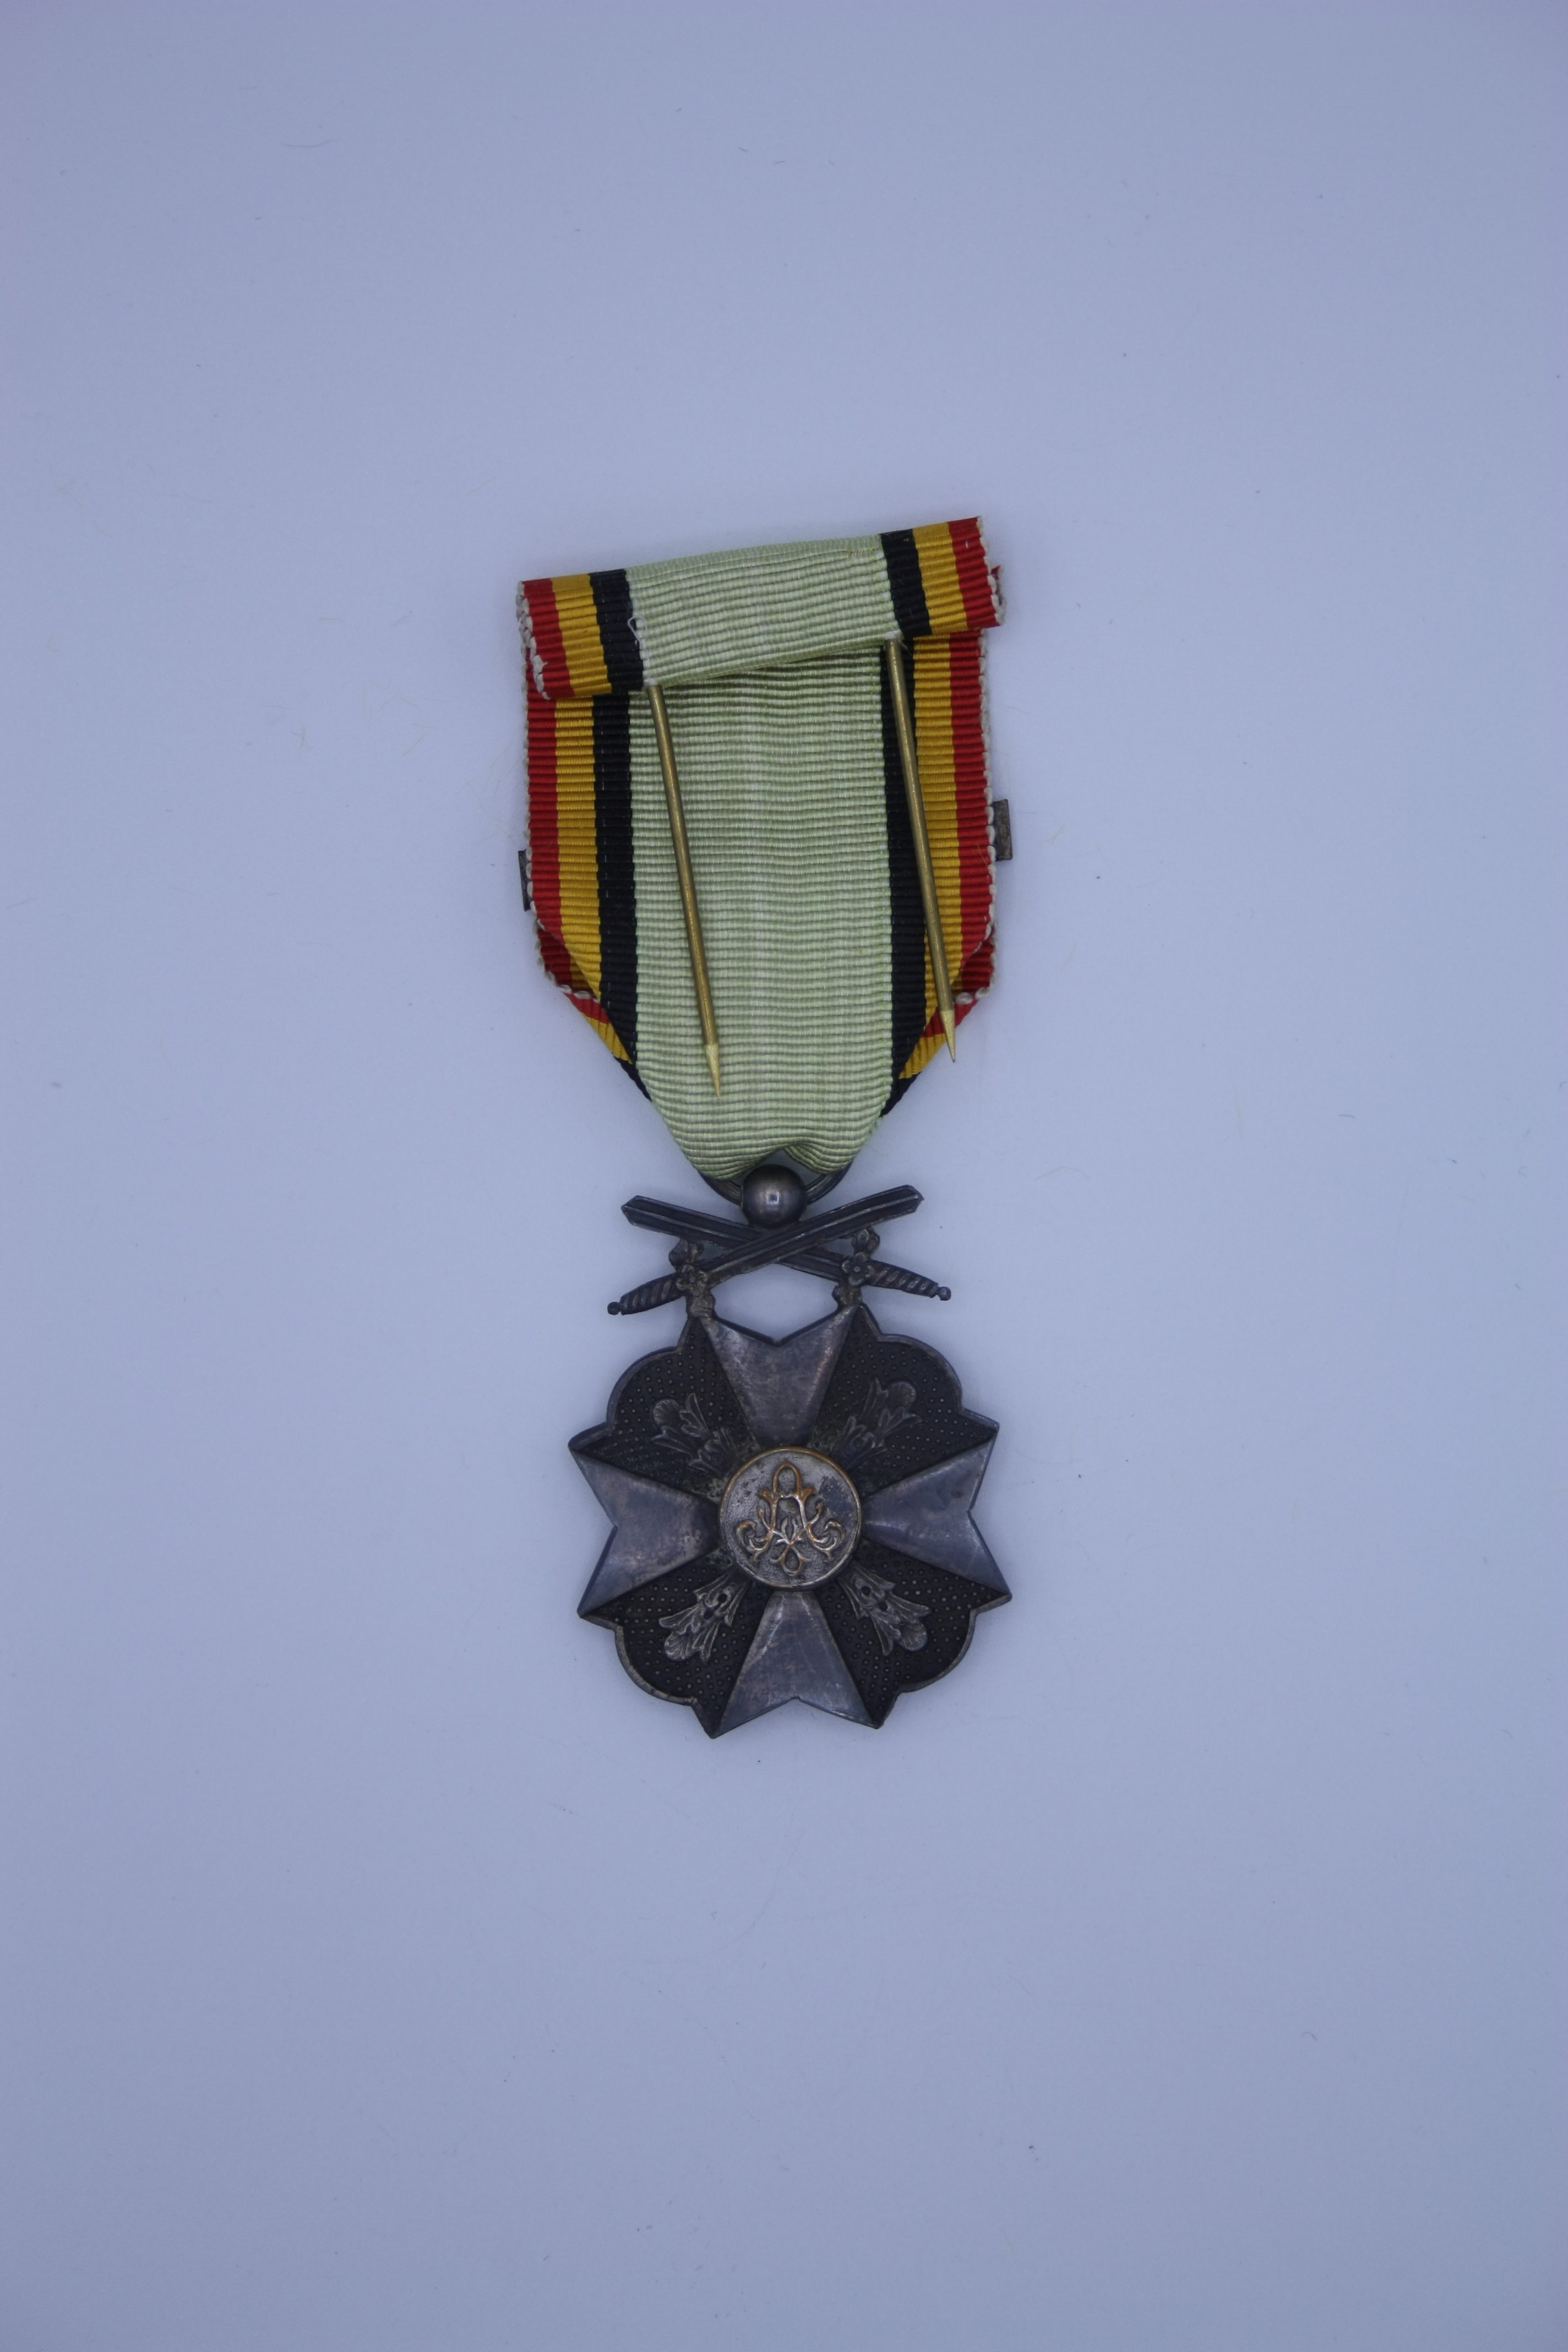 Décoration Belgique - Décoration Civique - 1914 - 1918